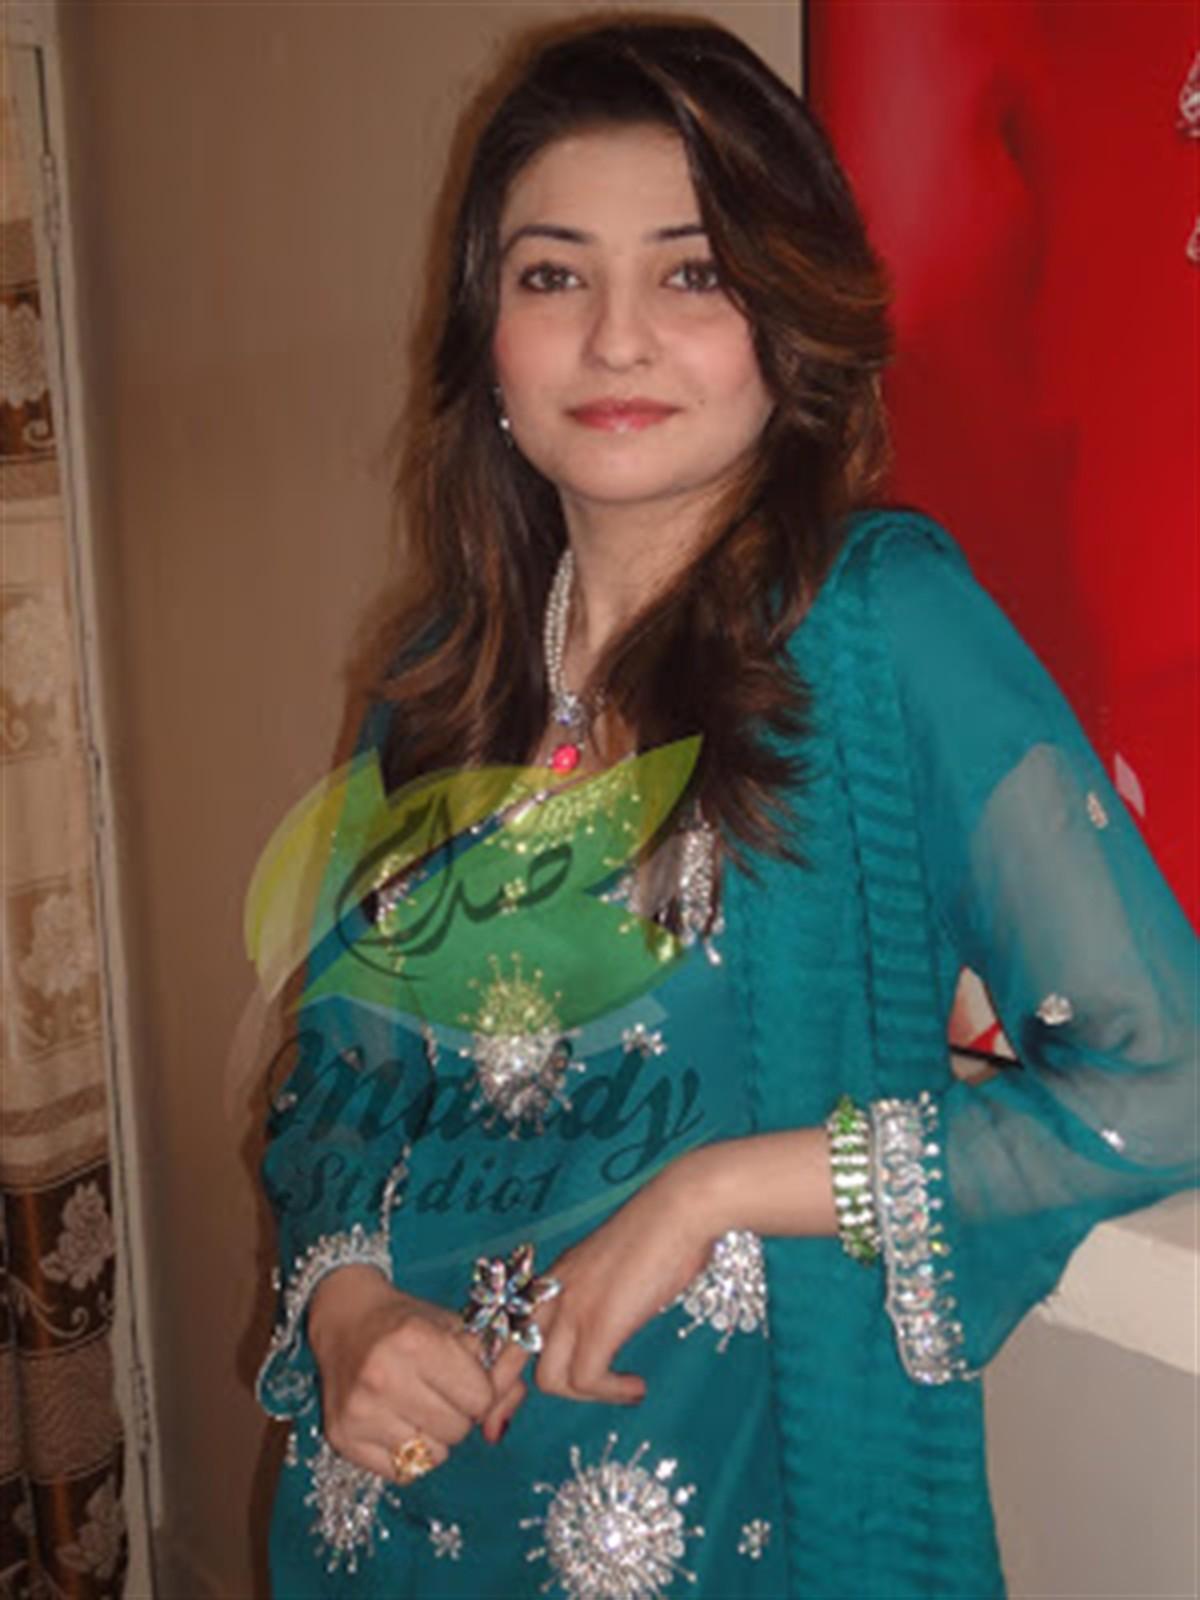 Pashto Singer Gul Panra